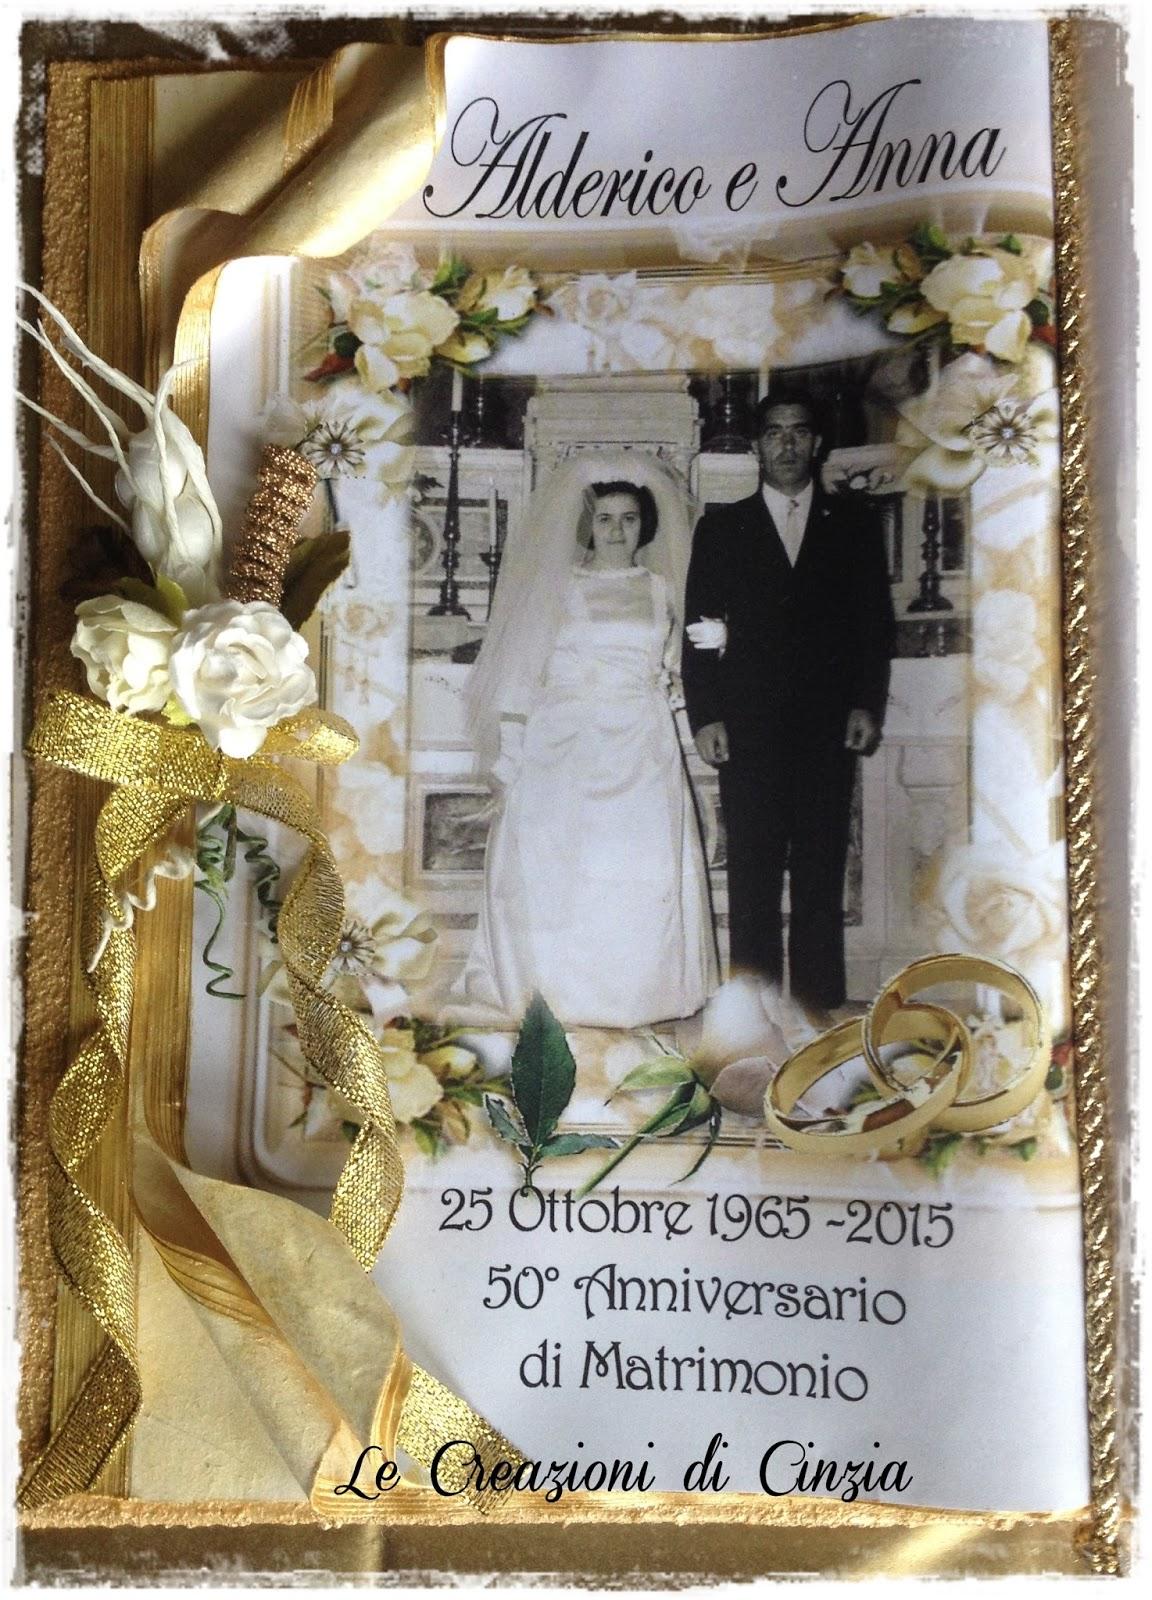 Auguri Matrimonio Dagli Zii : Le creazioni di cinzia nozze d oro a taranto